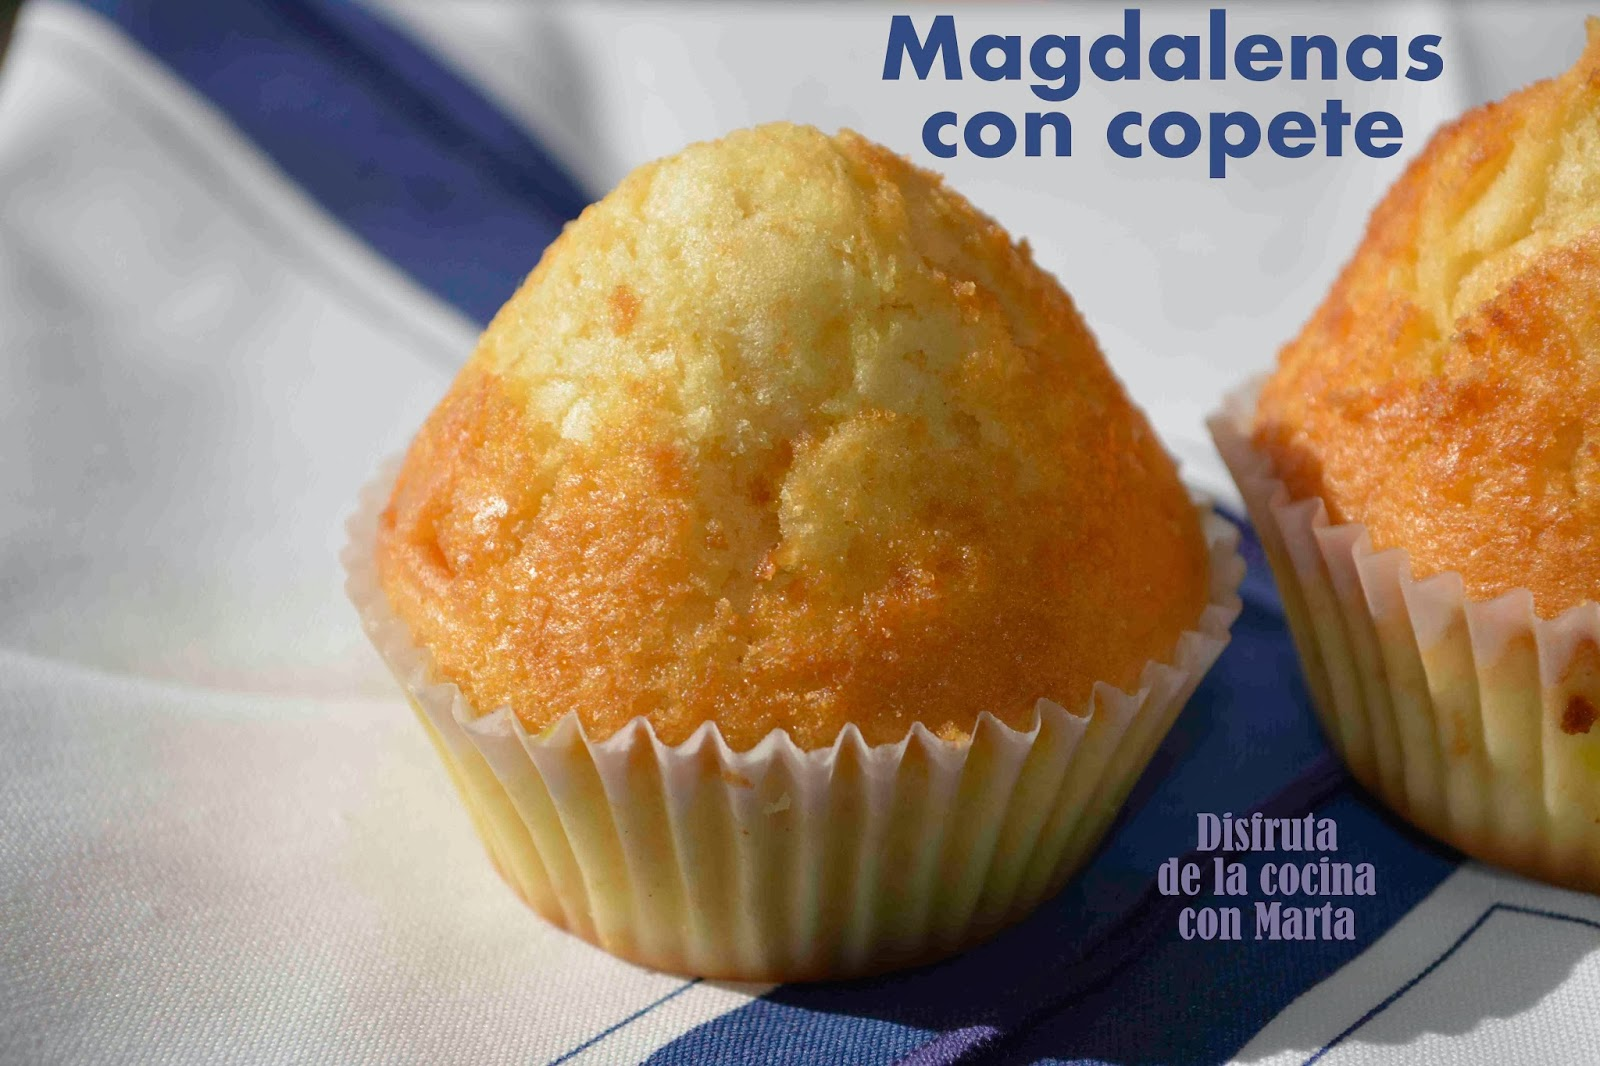 Disfruta de la cocina con marta magdalenas con copete - Hacer magdalenas con ninos ...